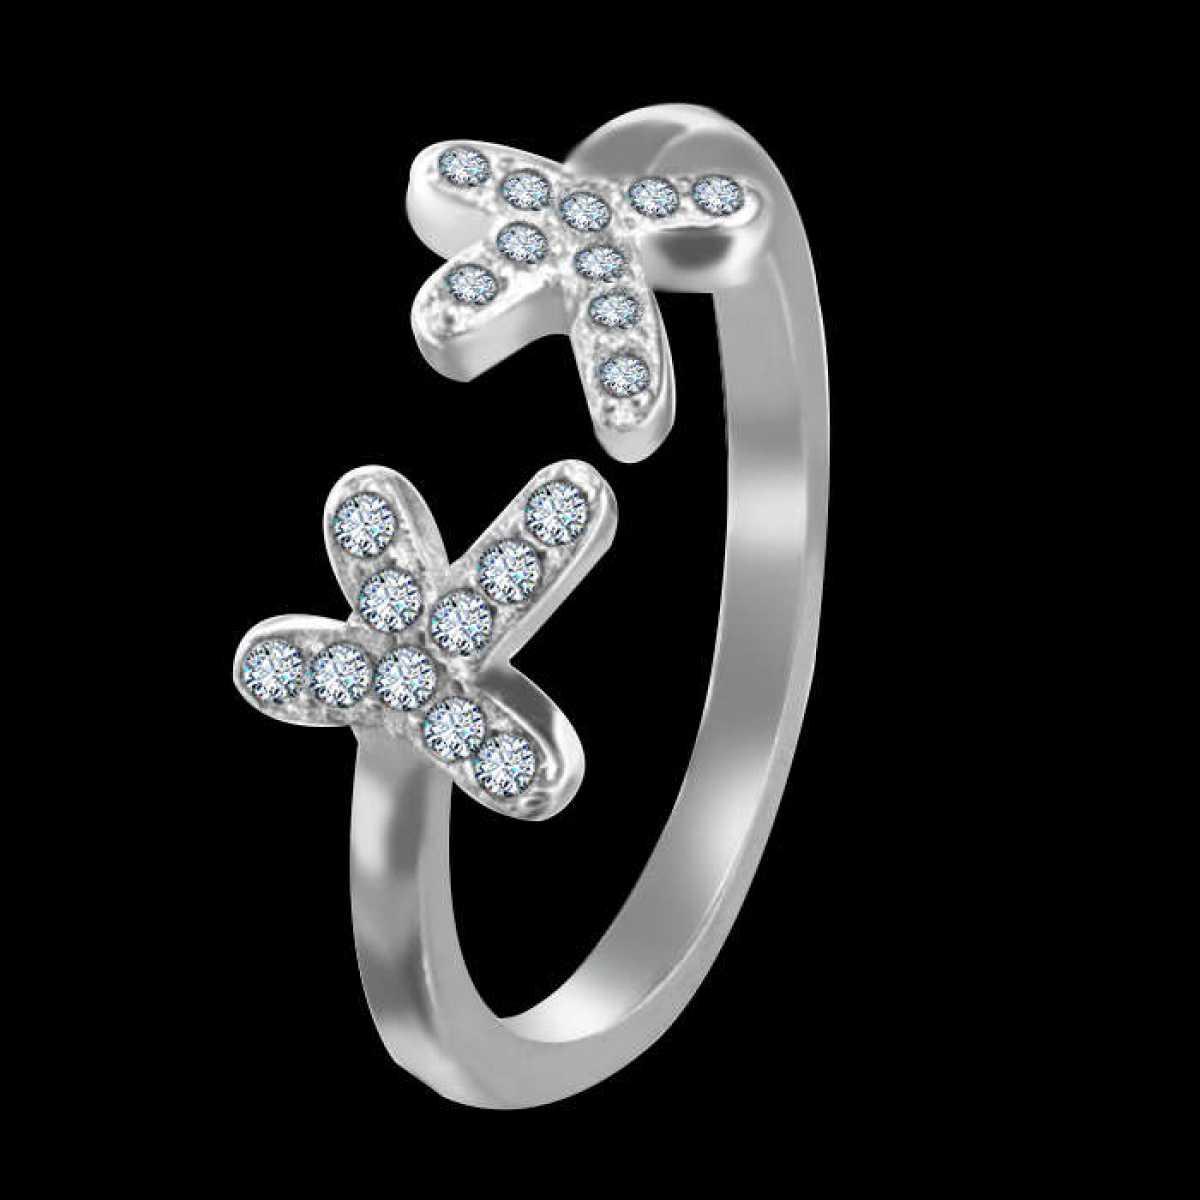 Finger shape sterling silver ring